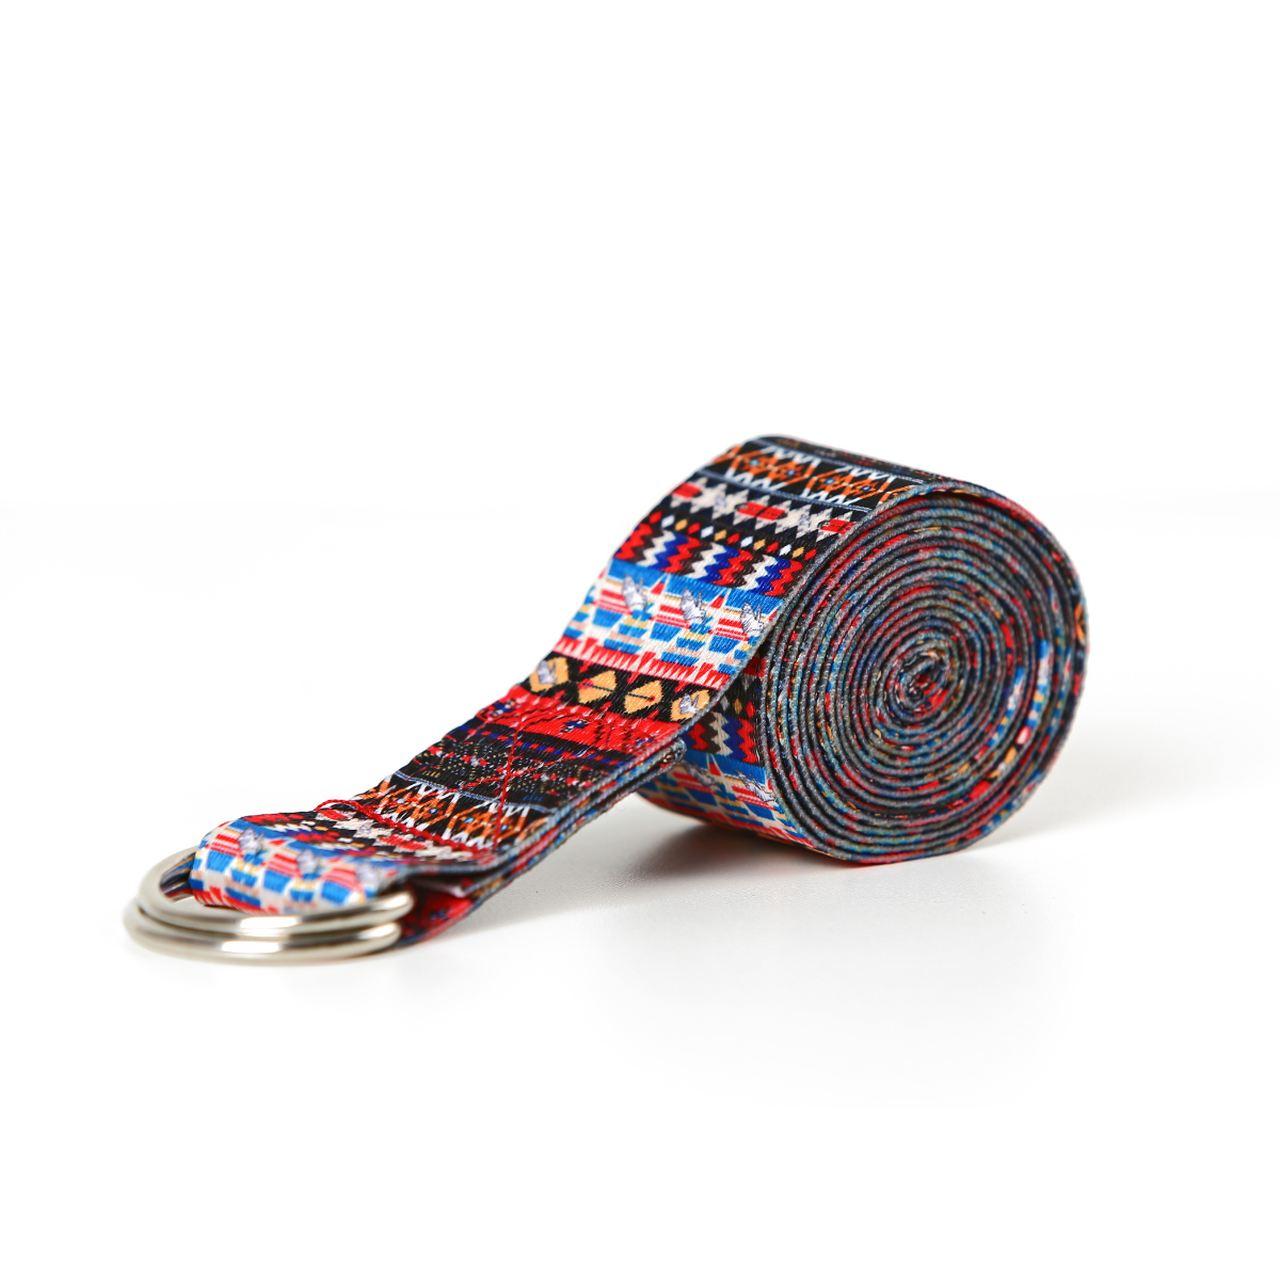 Cinto / Faixa de Alongamento Estampado - Yoga Strap - Inca